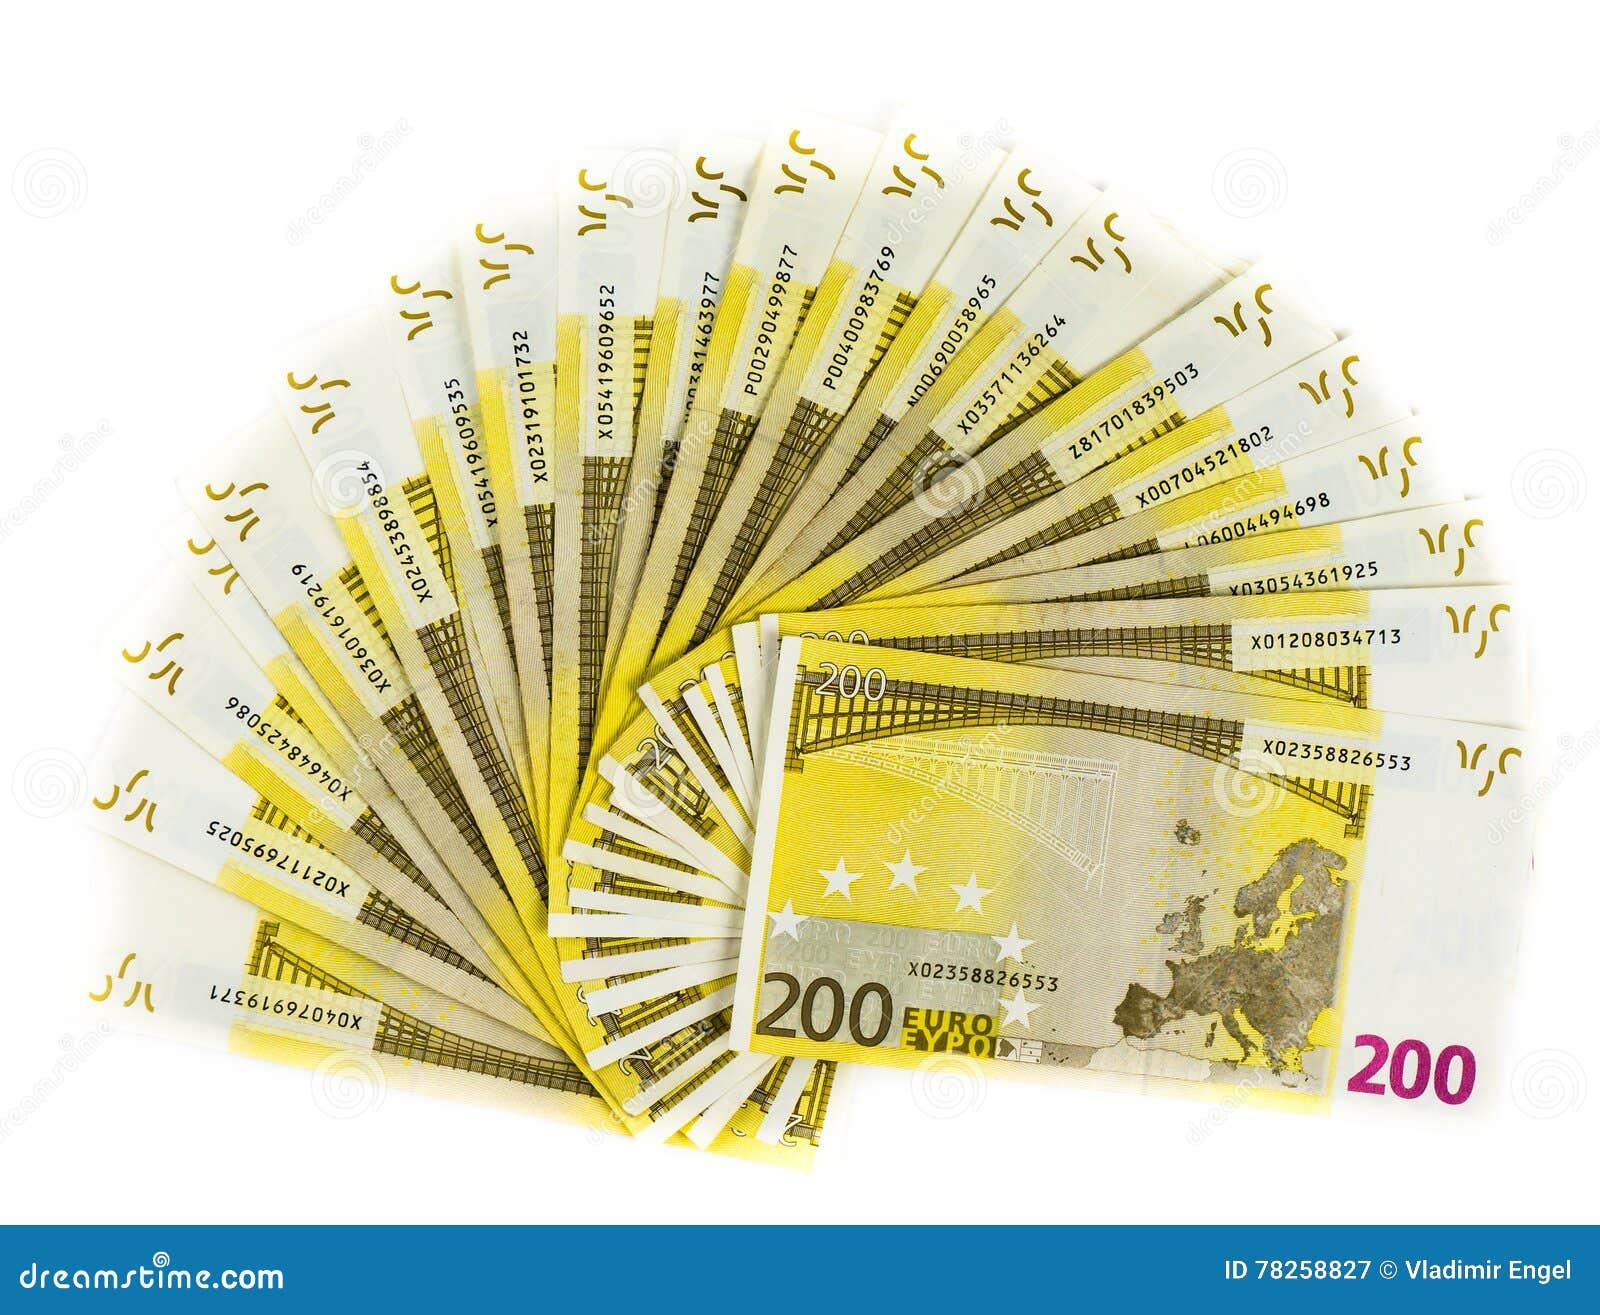 Χρήματα 200 ευρο- τραπεζογραμμάτιο που απομονώνεται στο άσπρο υπόβαθρο